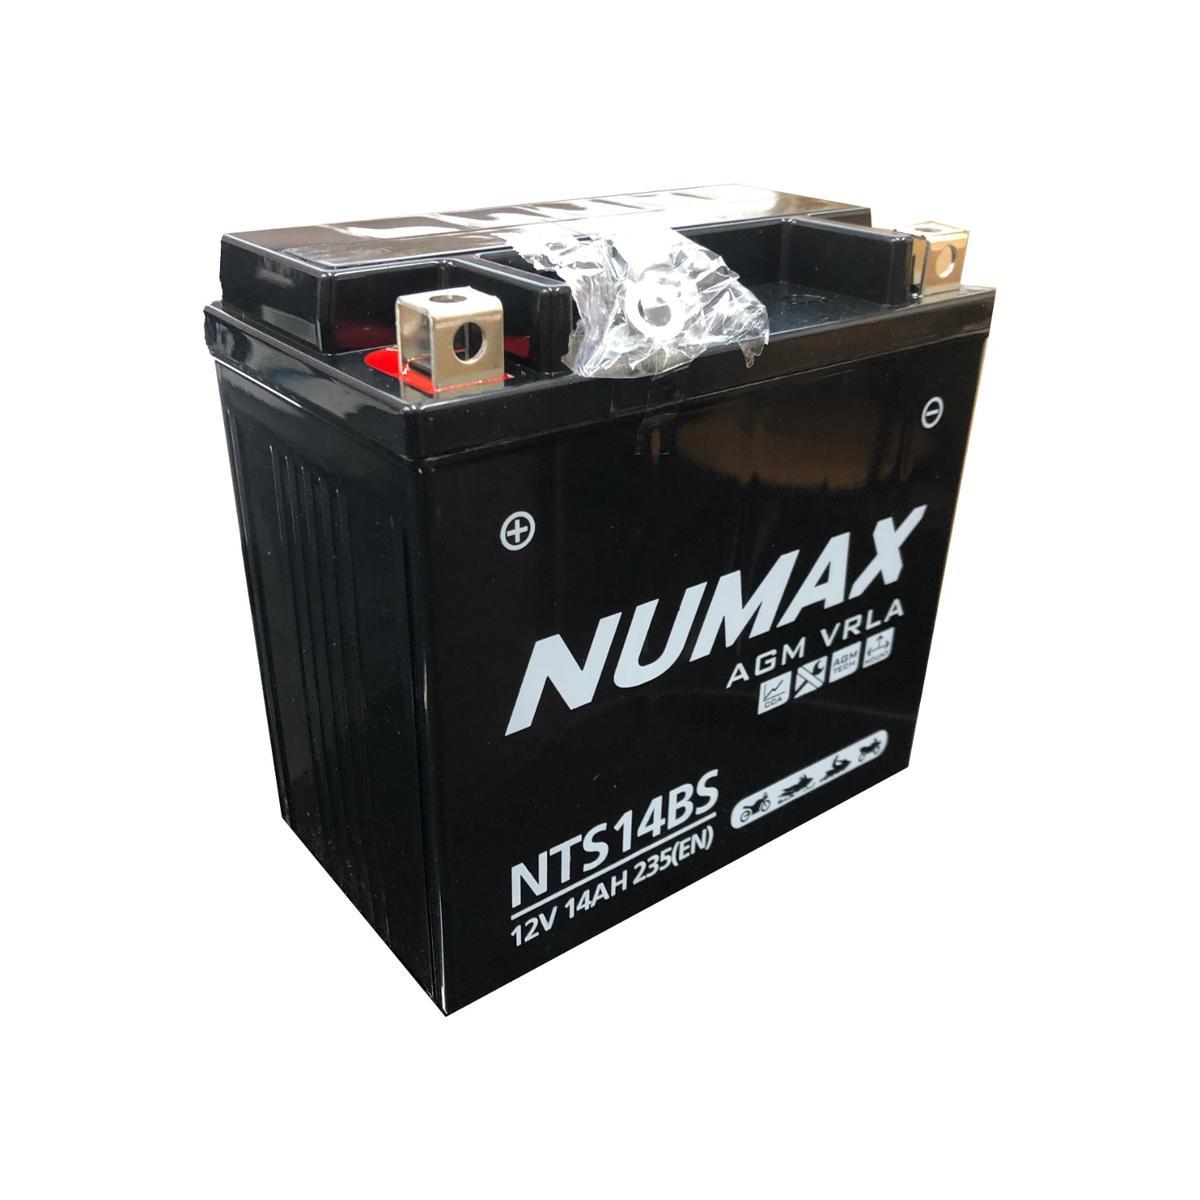 Numax NTS14BS 12v Motorbike Bike Battery SUZUKI 1000cc DL1000 V Storm YTX14-4